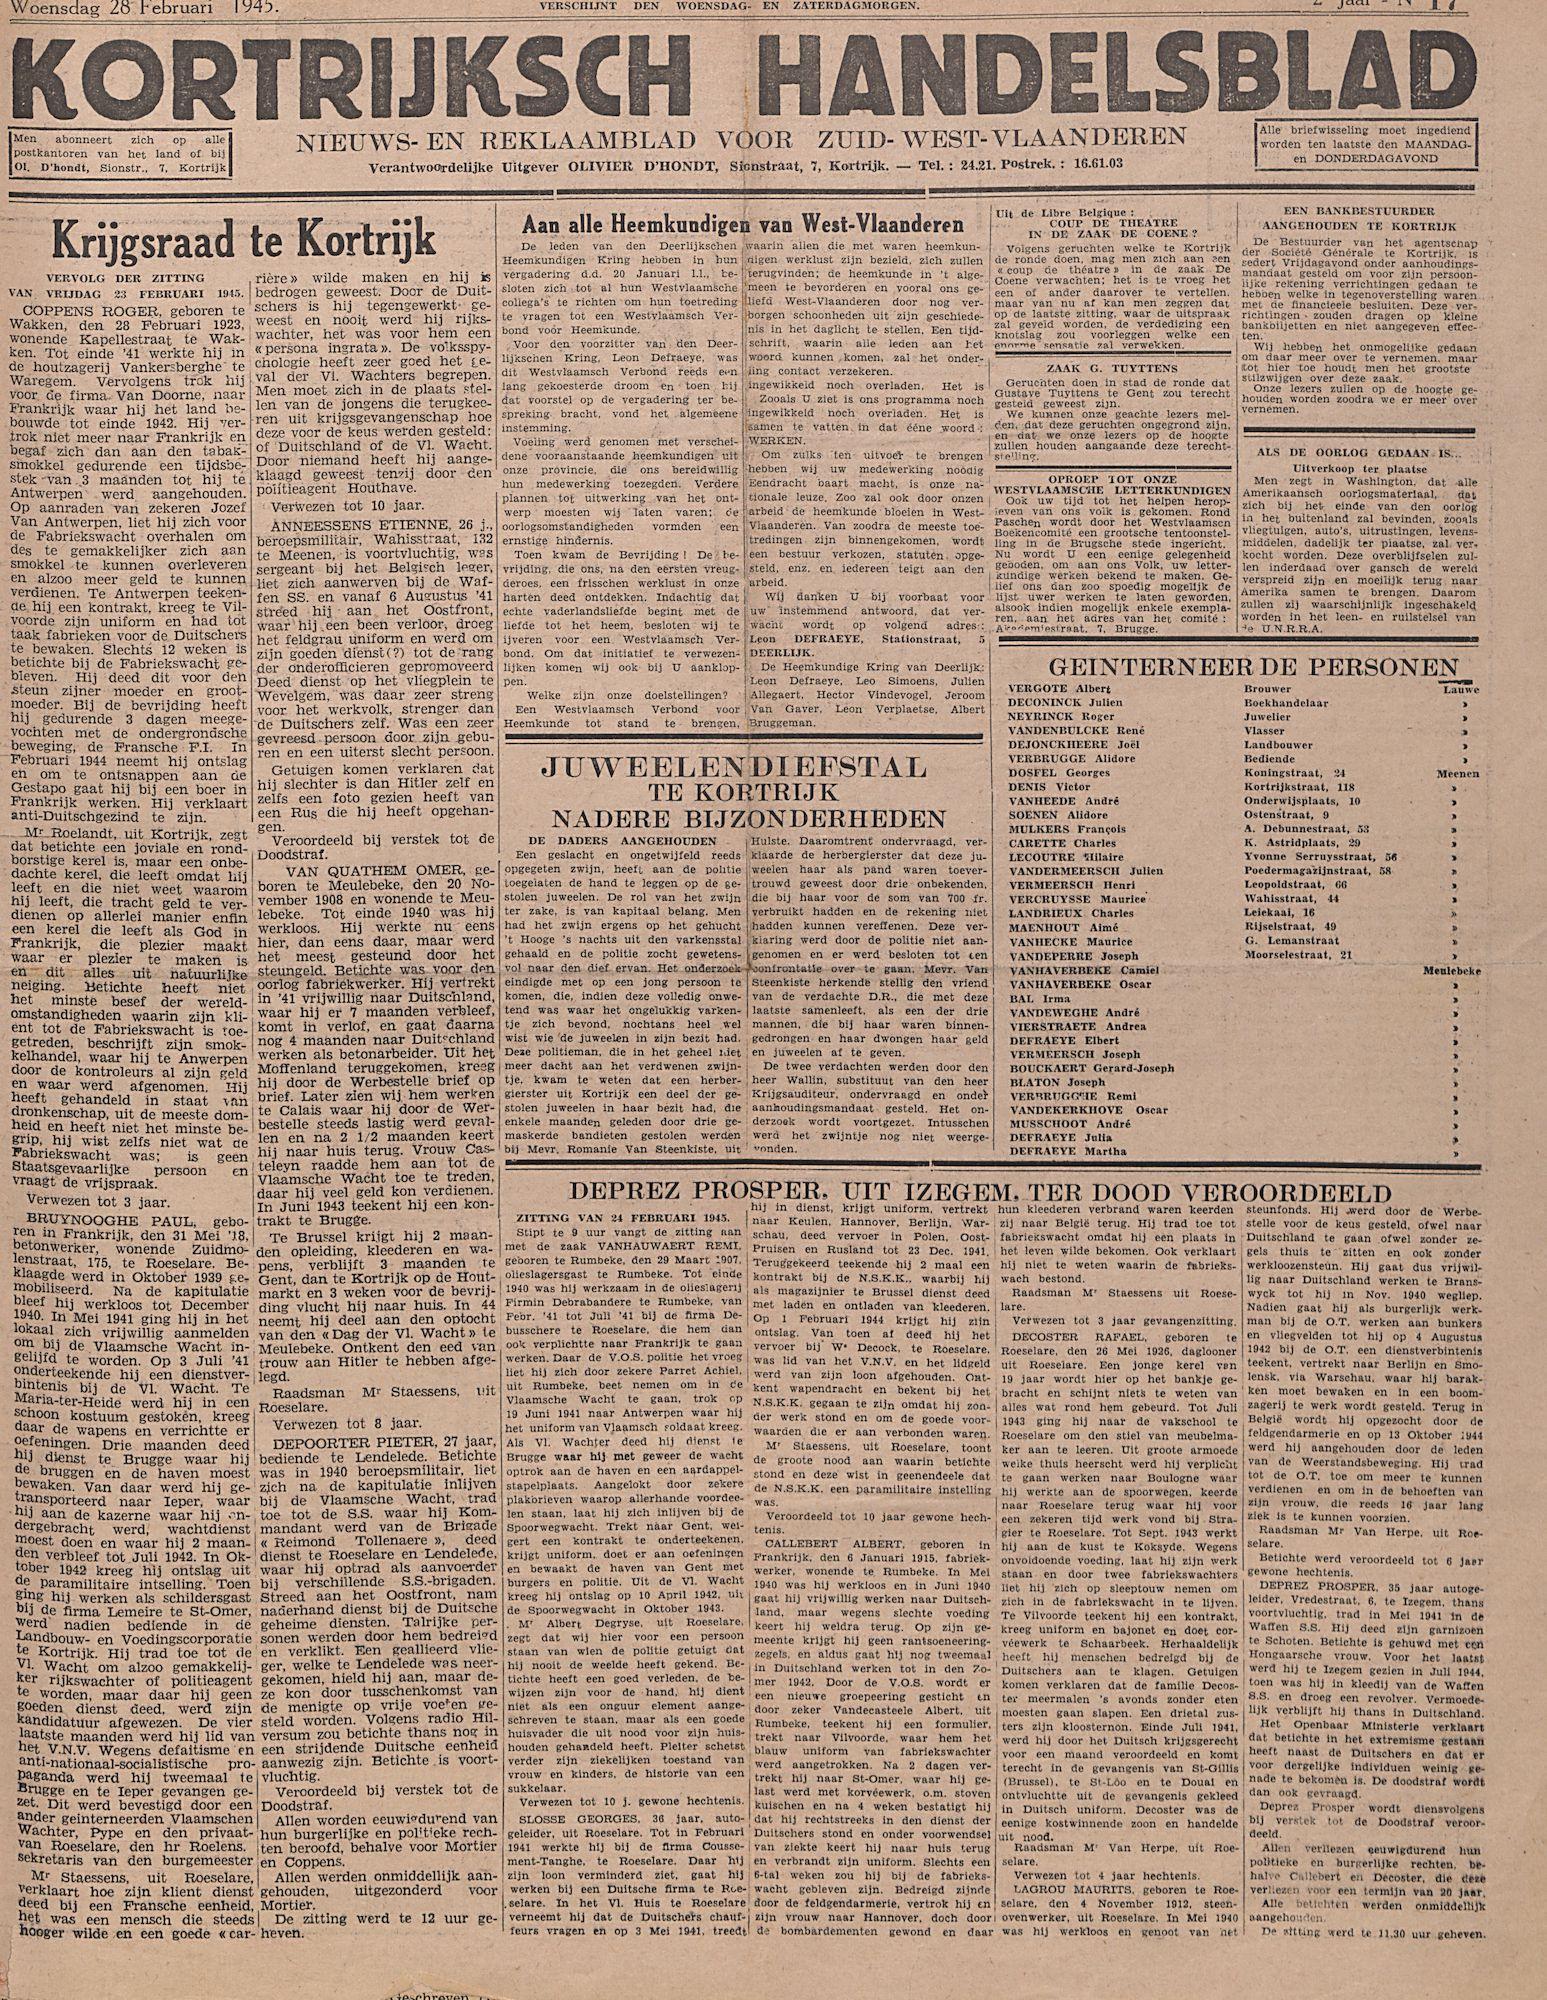 Kortrijksch Handelsblad 28 februari 1945 Nr17 p1